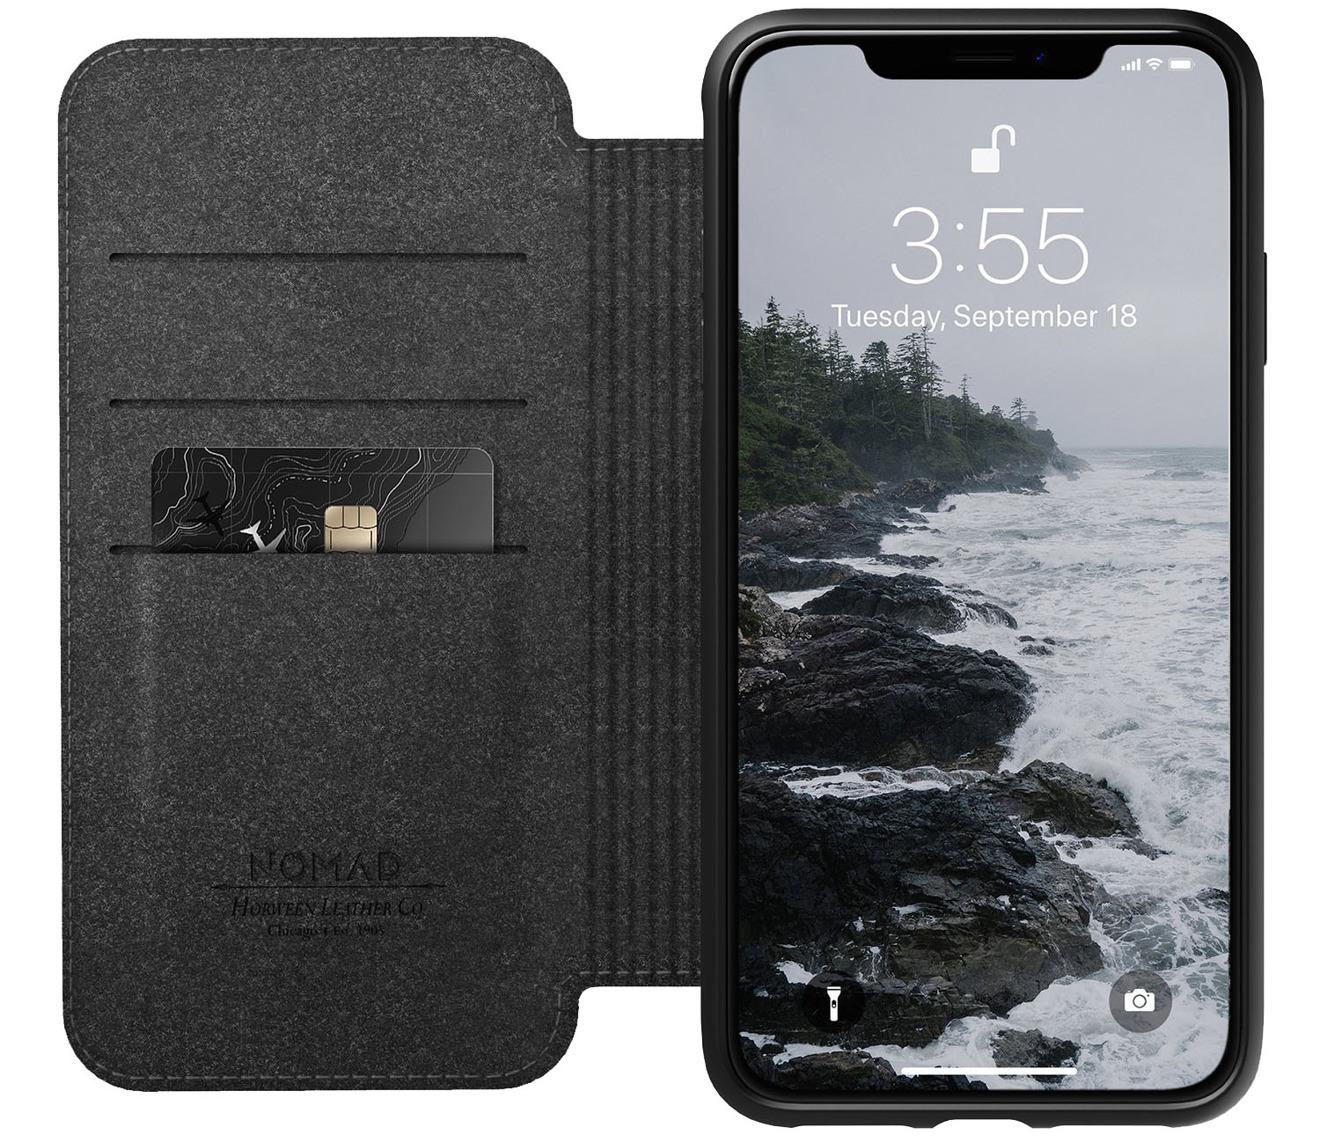 Nomad iPhone 2018 cases